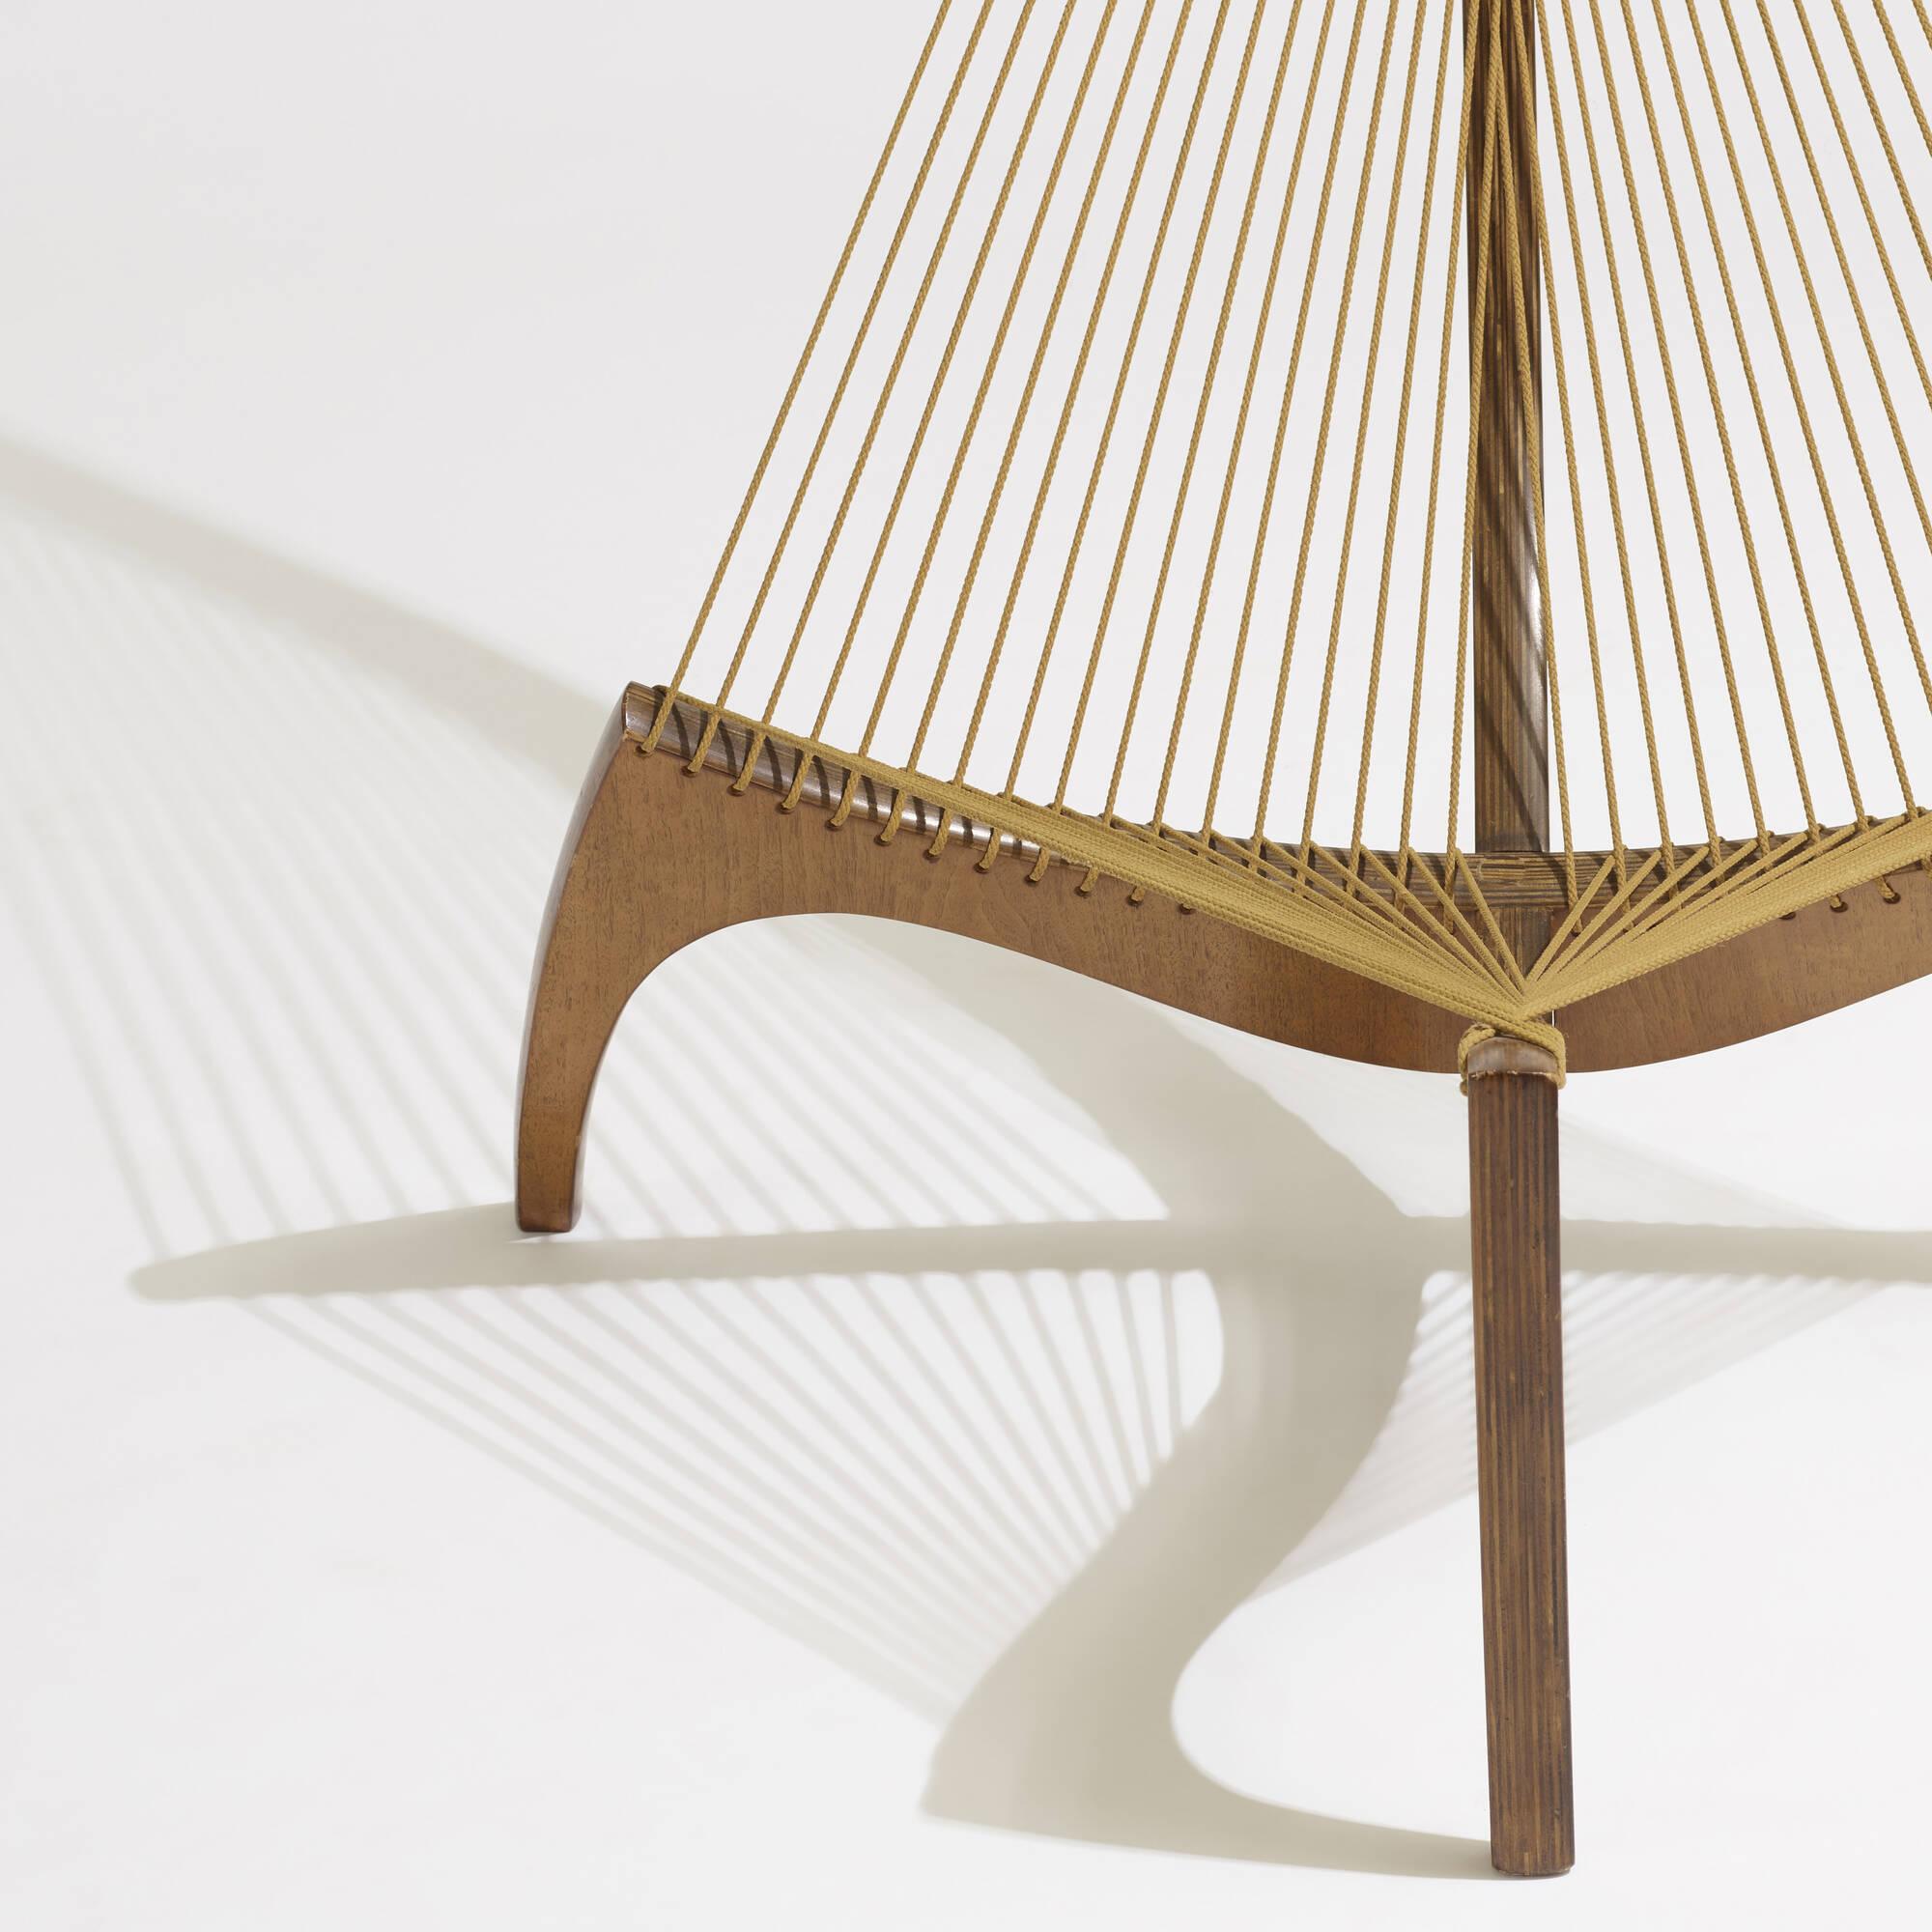 151: Jorgen Hovelskov / Harp chair (4 of 5)